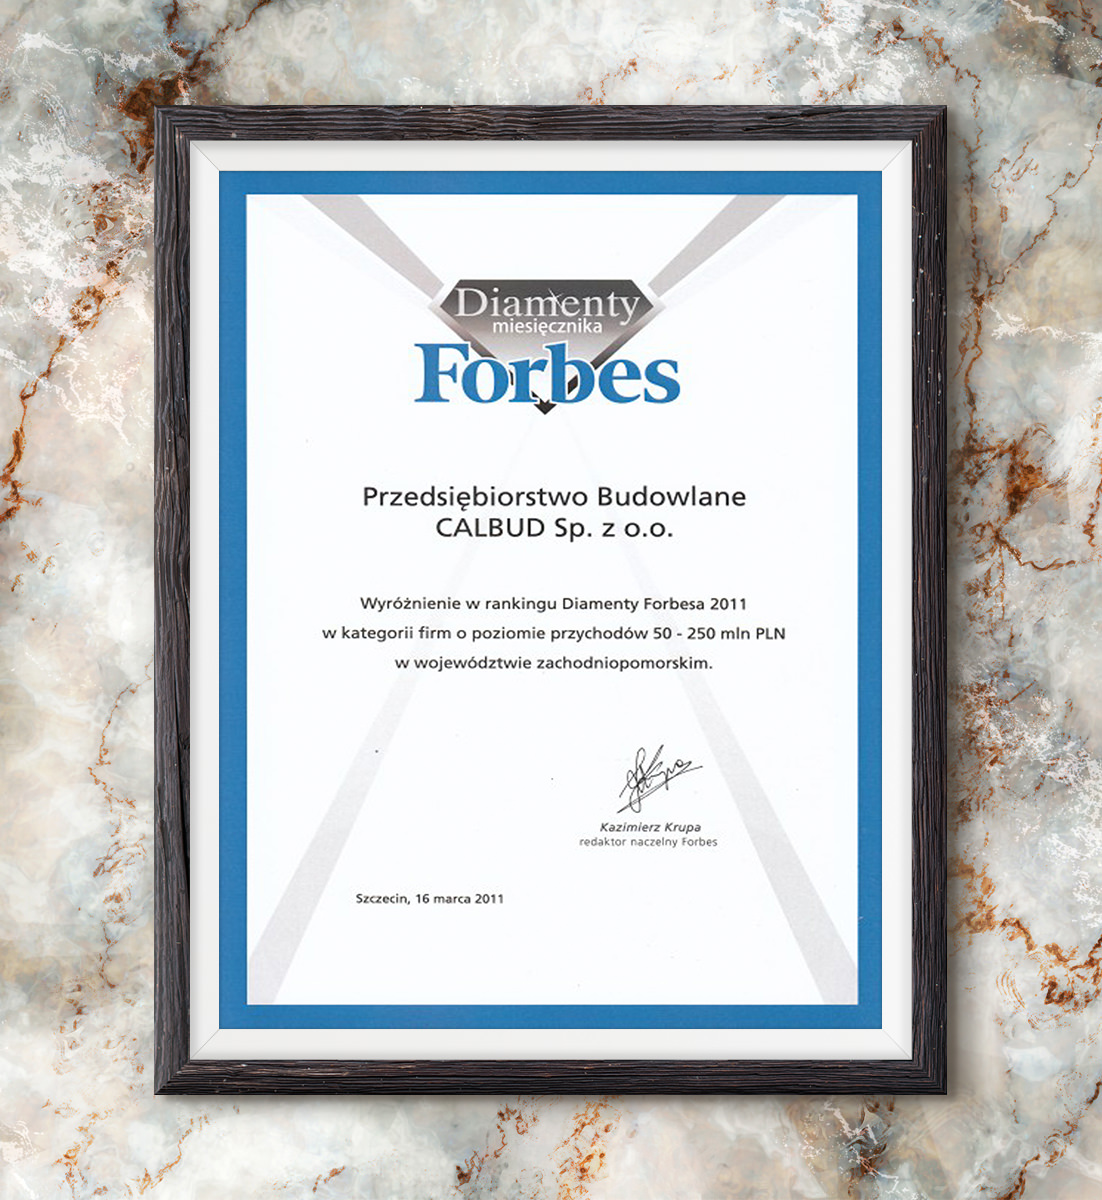 Diamenty Forbesa 2011 - wyróżnienie